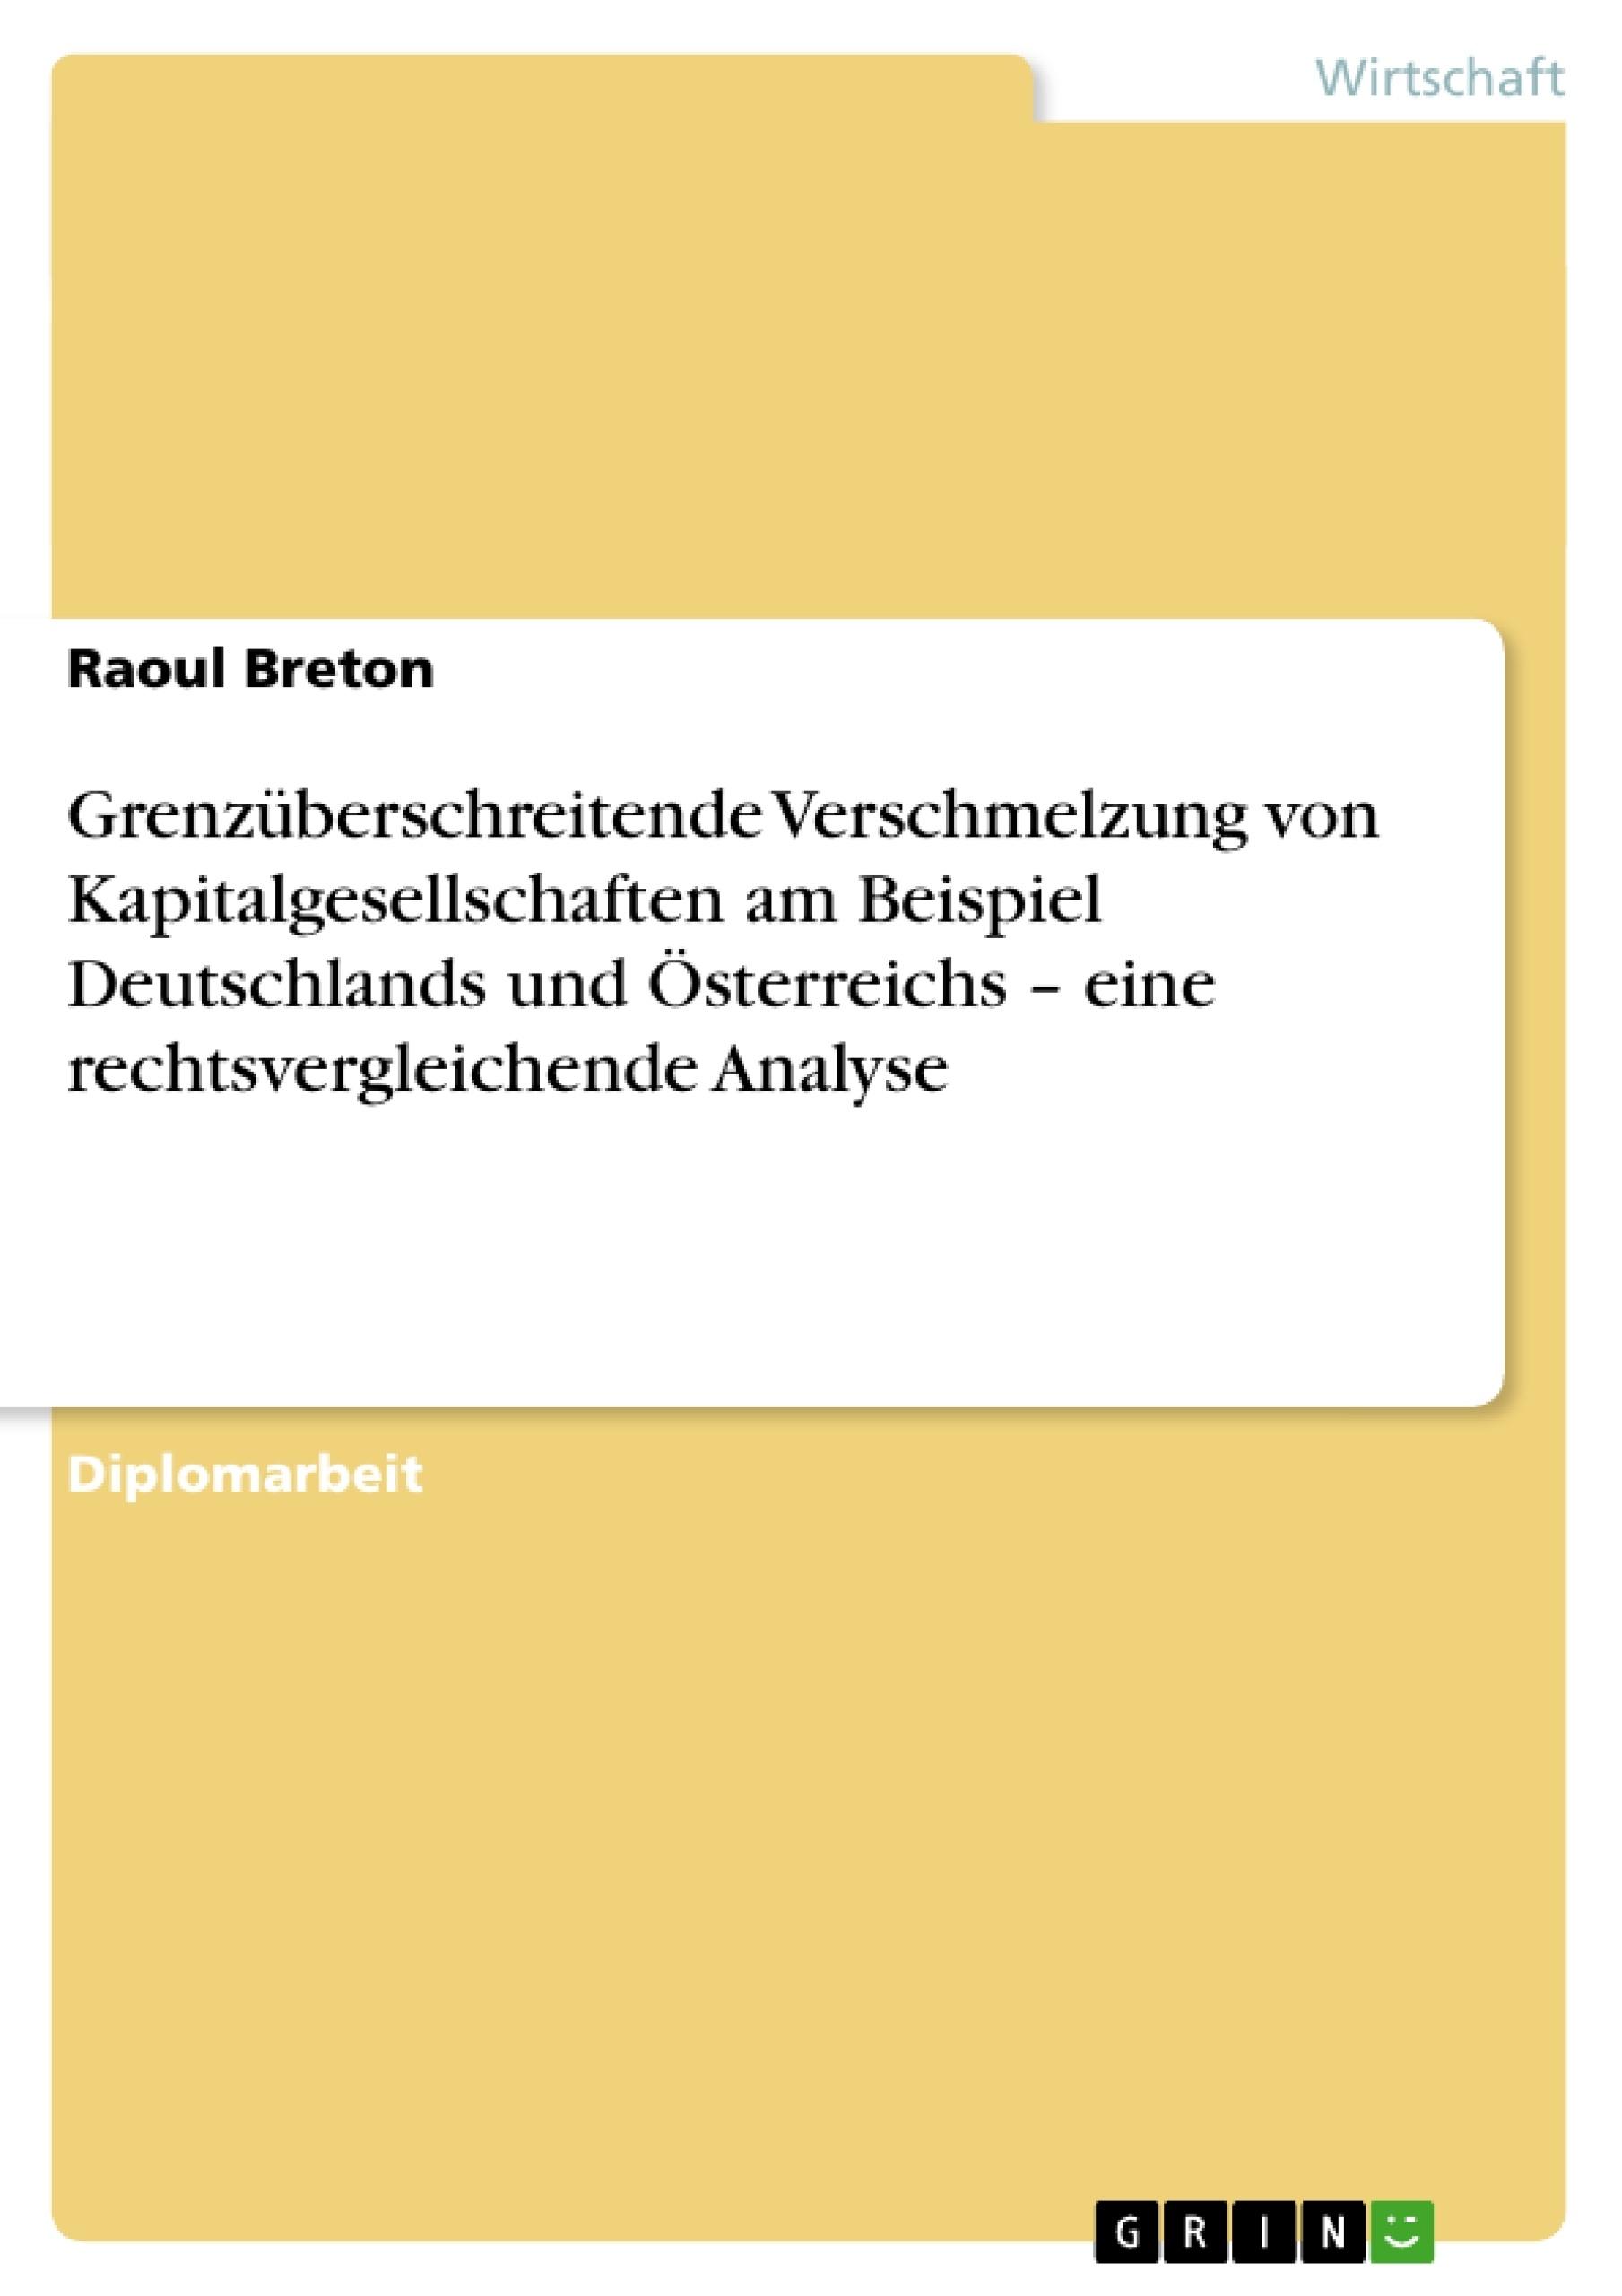 Titel: Grenzüberschreitende Verschmelzung von Kapitalgesellschaften am Beispiel Deutschlands und Österreichs – eine rechtsvergleichende Analyse